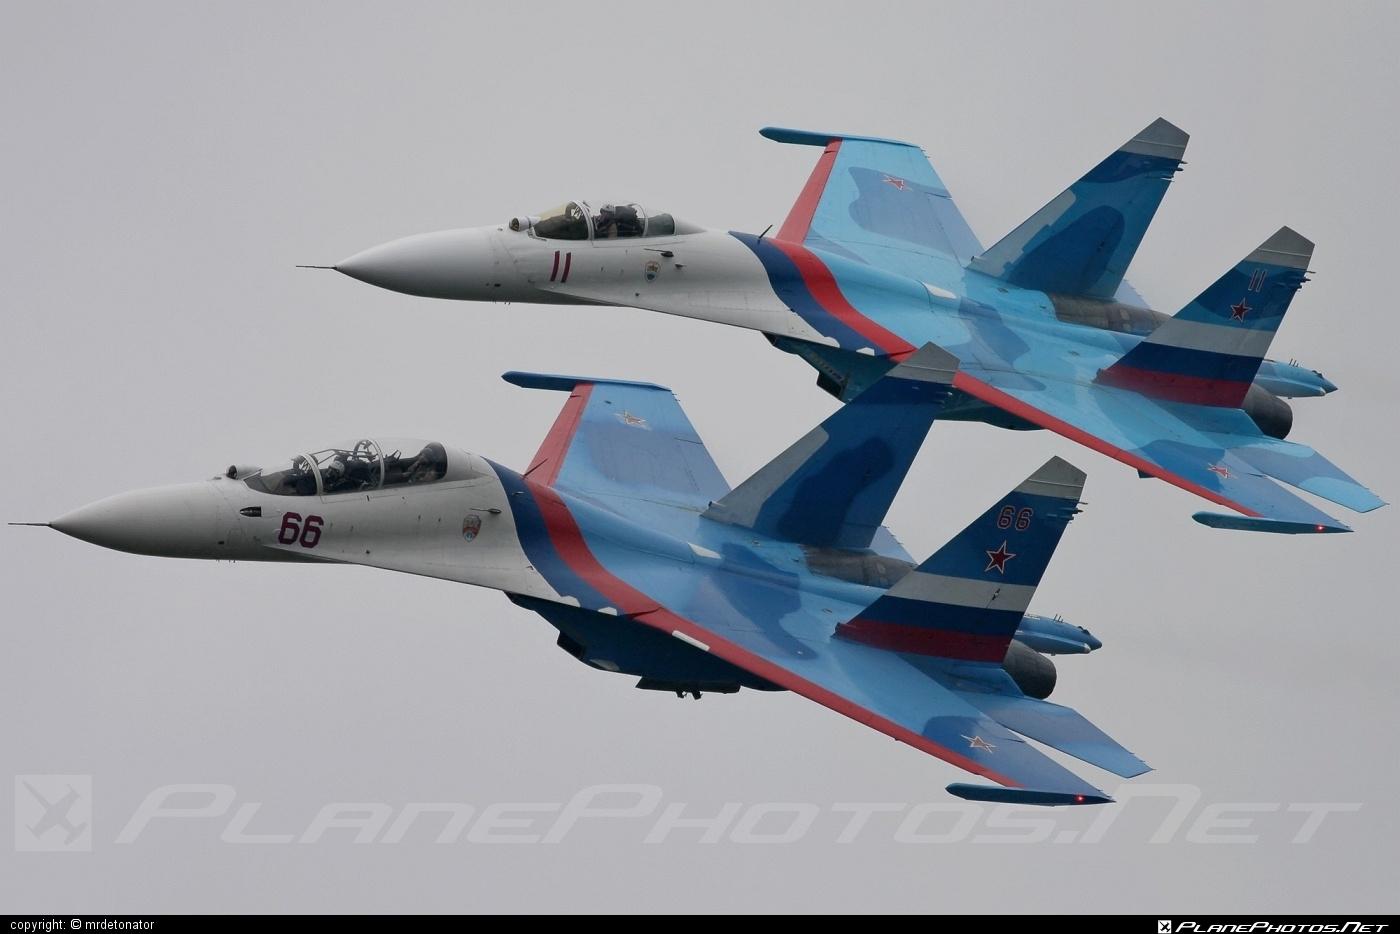 Sukhoi Su-27UB - 66 operated by Voyenno-vozdushnye sily Rossii (Russian Air Force) #su27 #su27ub #sukhoi #sukhoi27